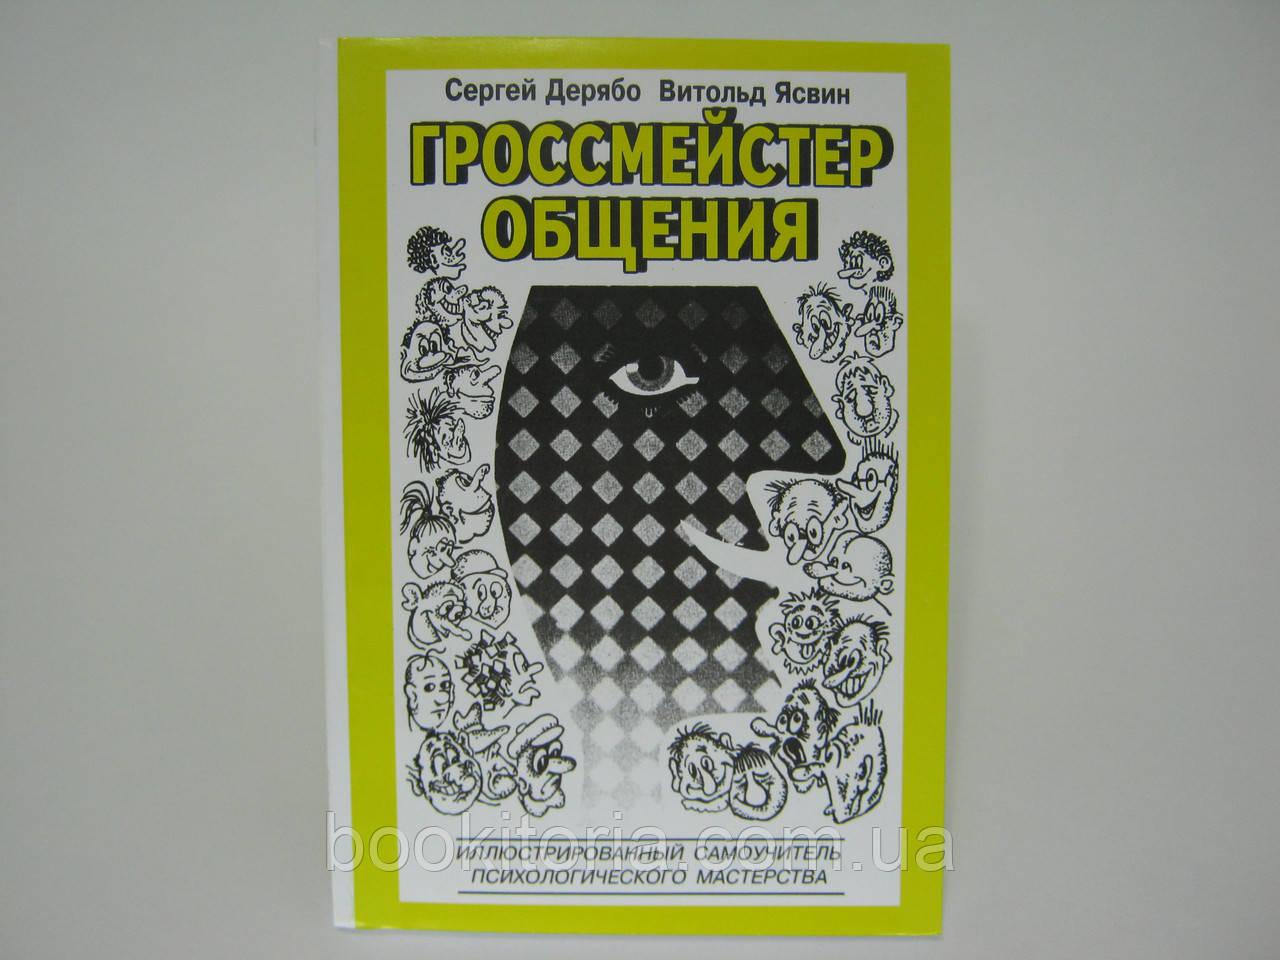 Дерябо С. Гроссмейстер общения: Иллюстрированный самоучитель психологического мастерства.